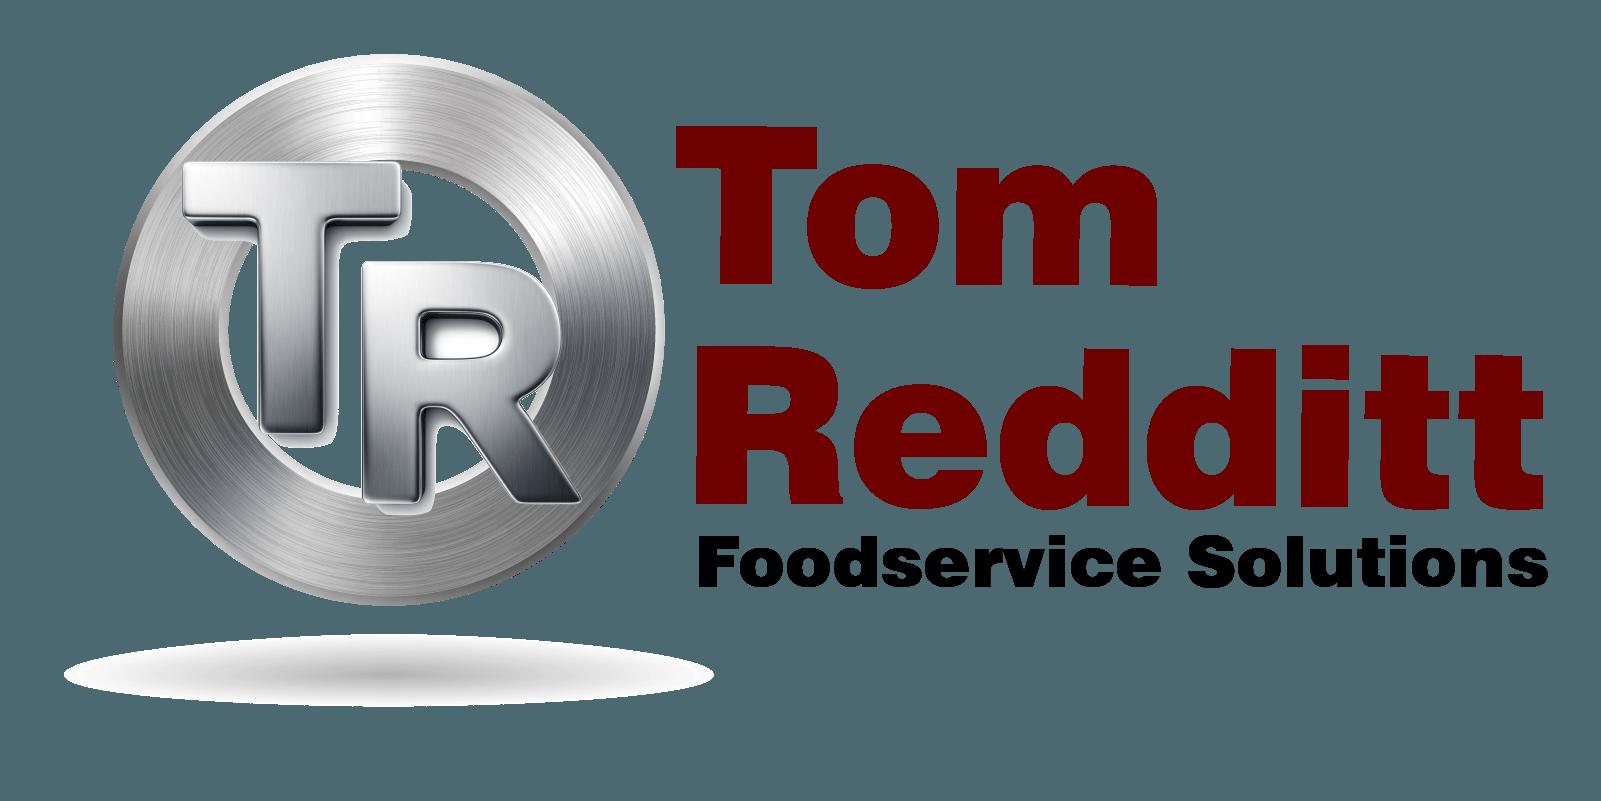 Tom Redditt Foodserivce Solutions Logo Transparent